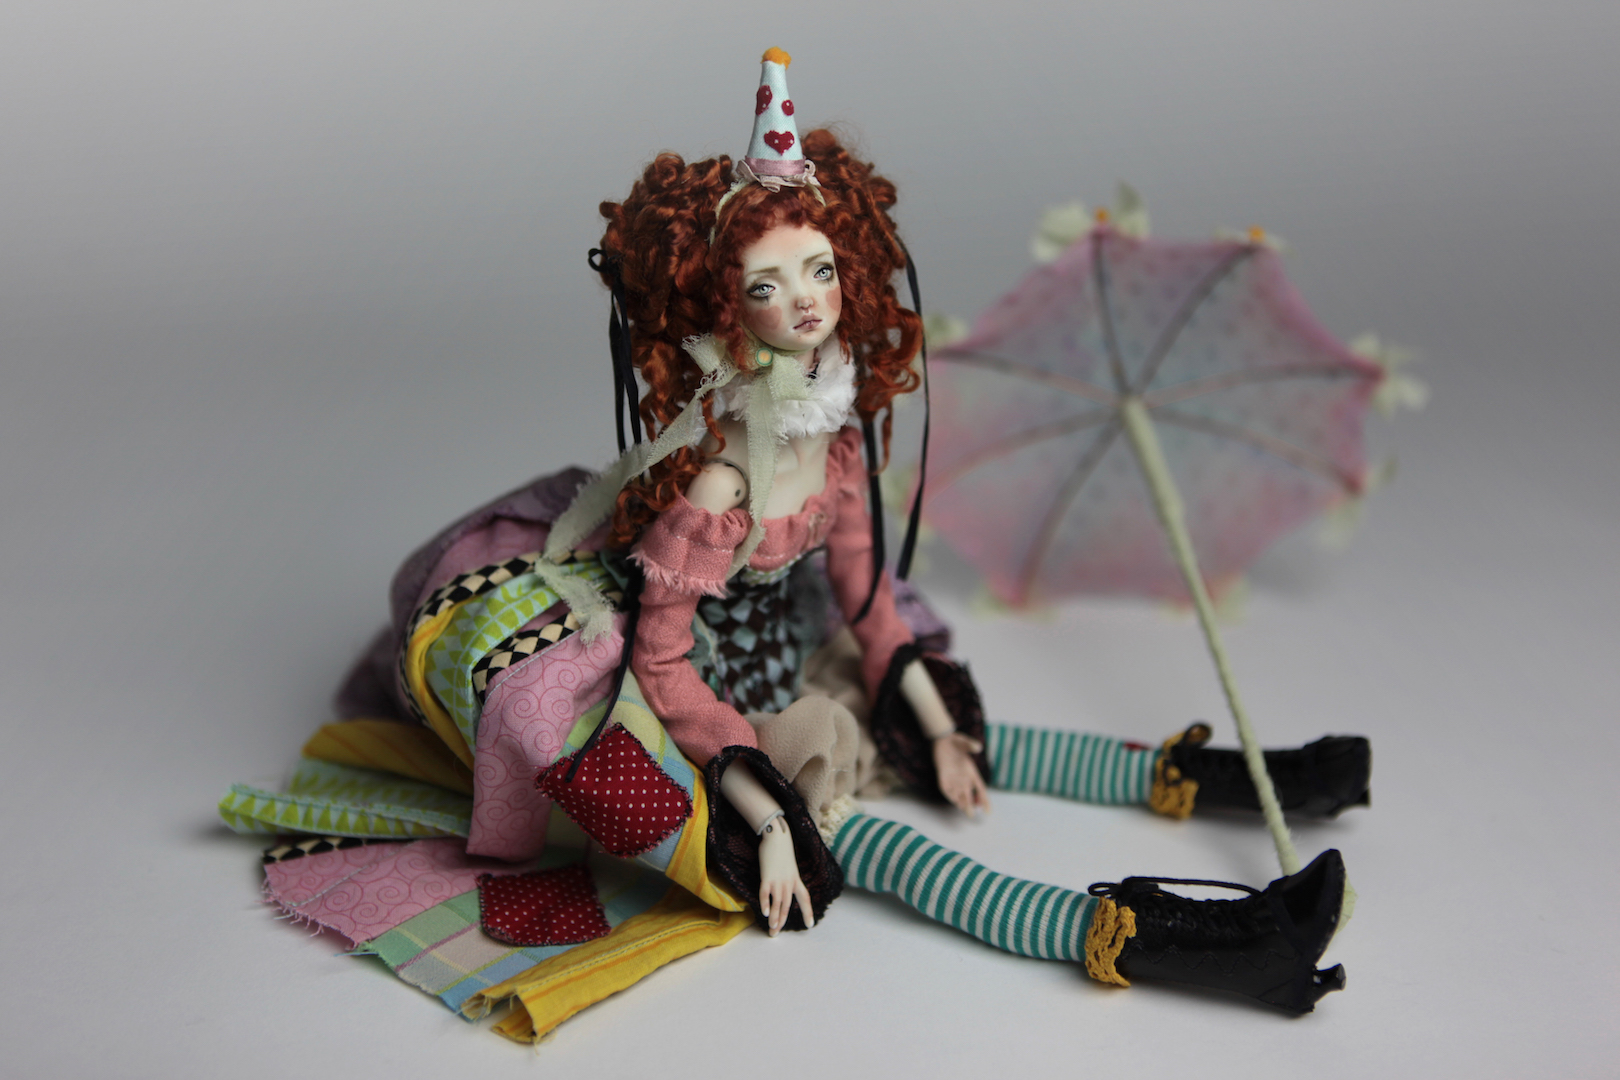 IMG 8582 15 Victorian Roadside Circus BJD Clown Agata